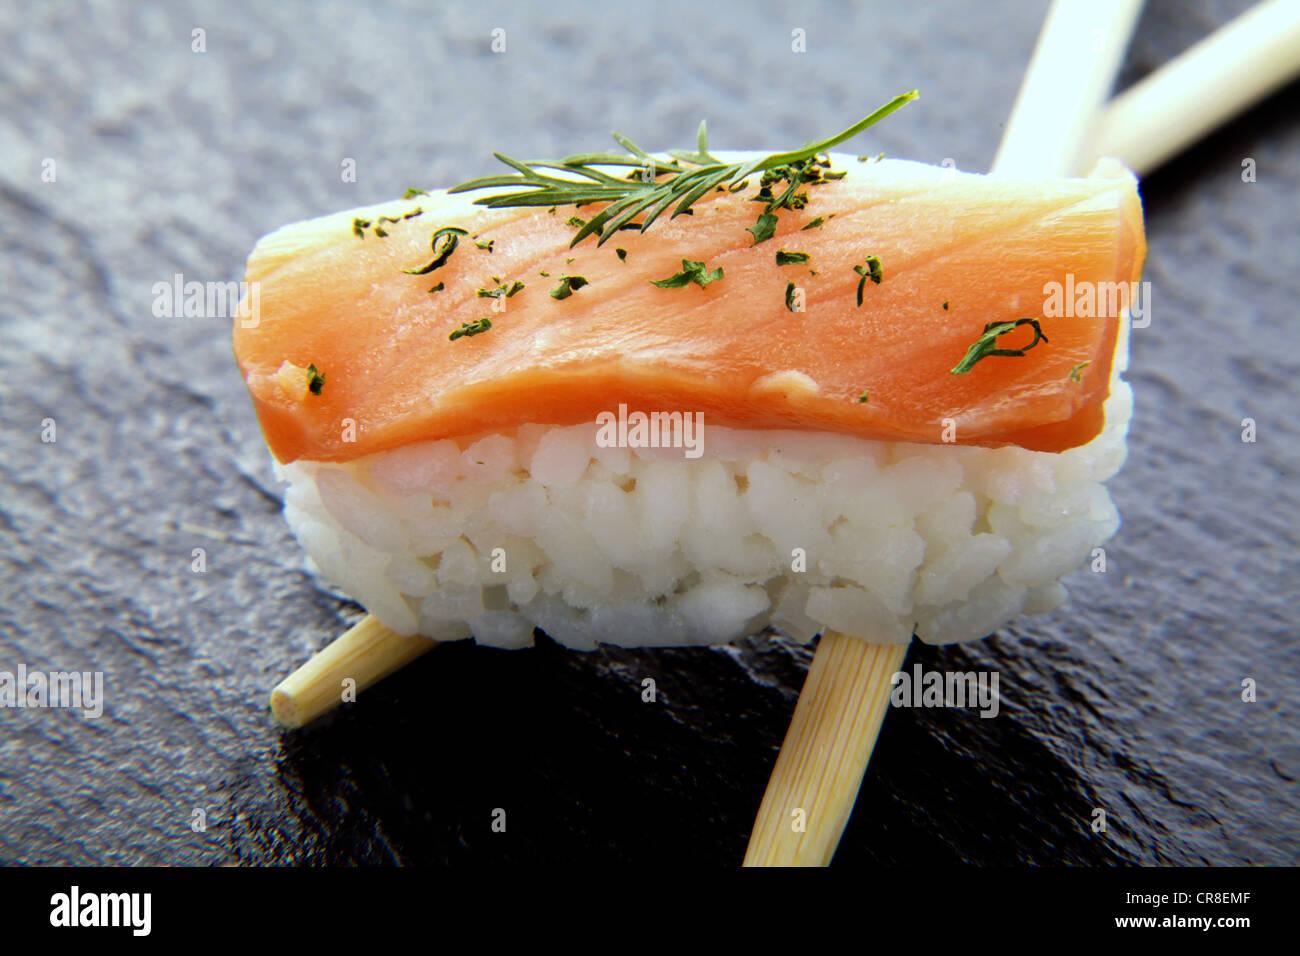 Sushi, Nigiri mit Lachs und Stäbchen auf eine Schieferoberfläche Stockbild